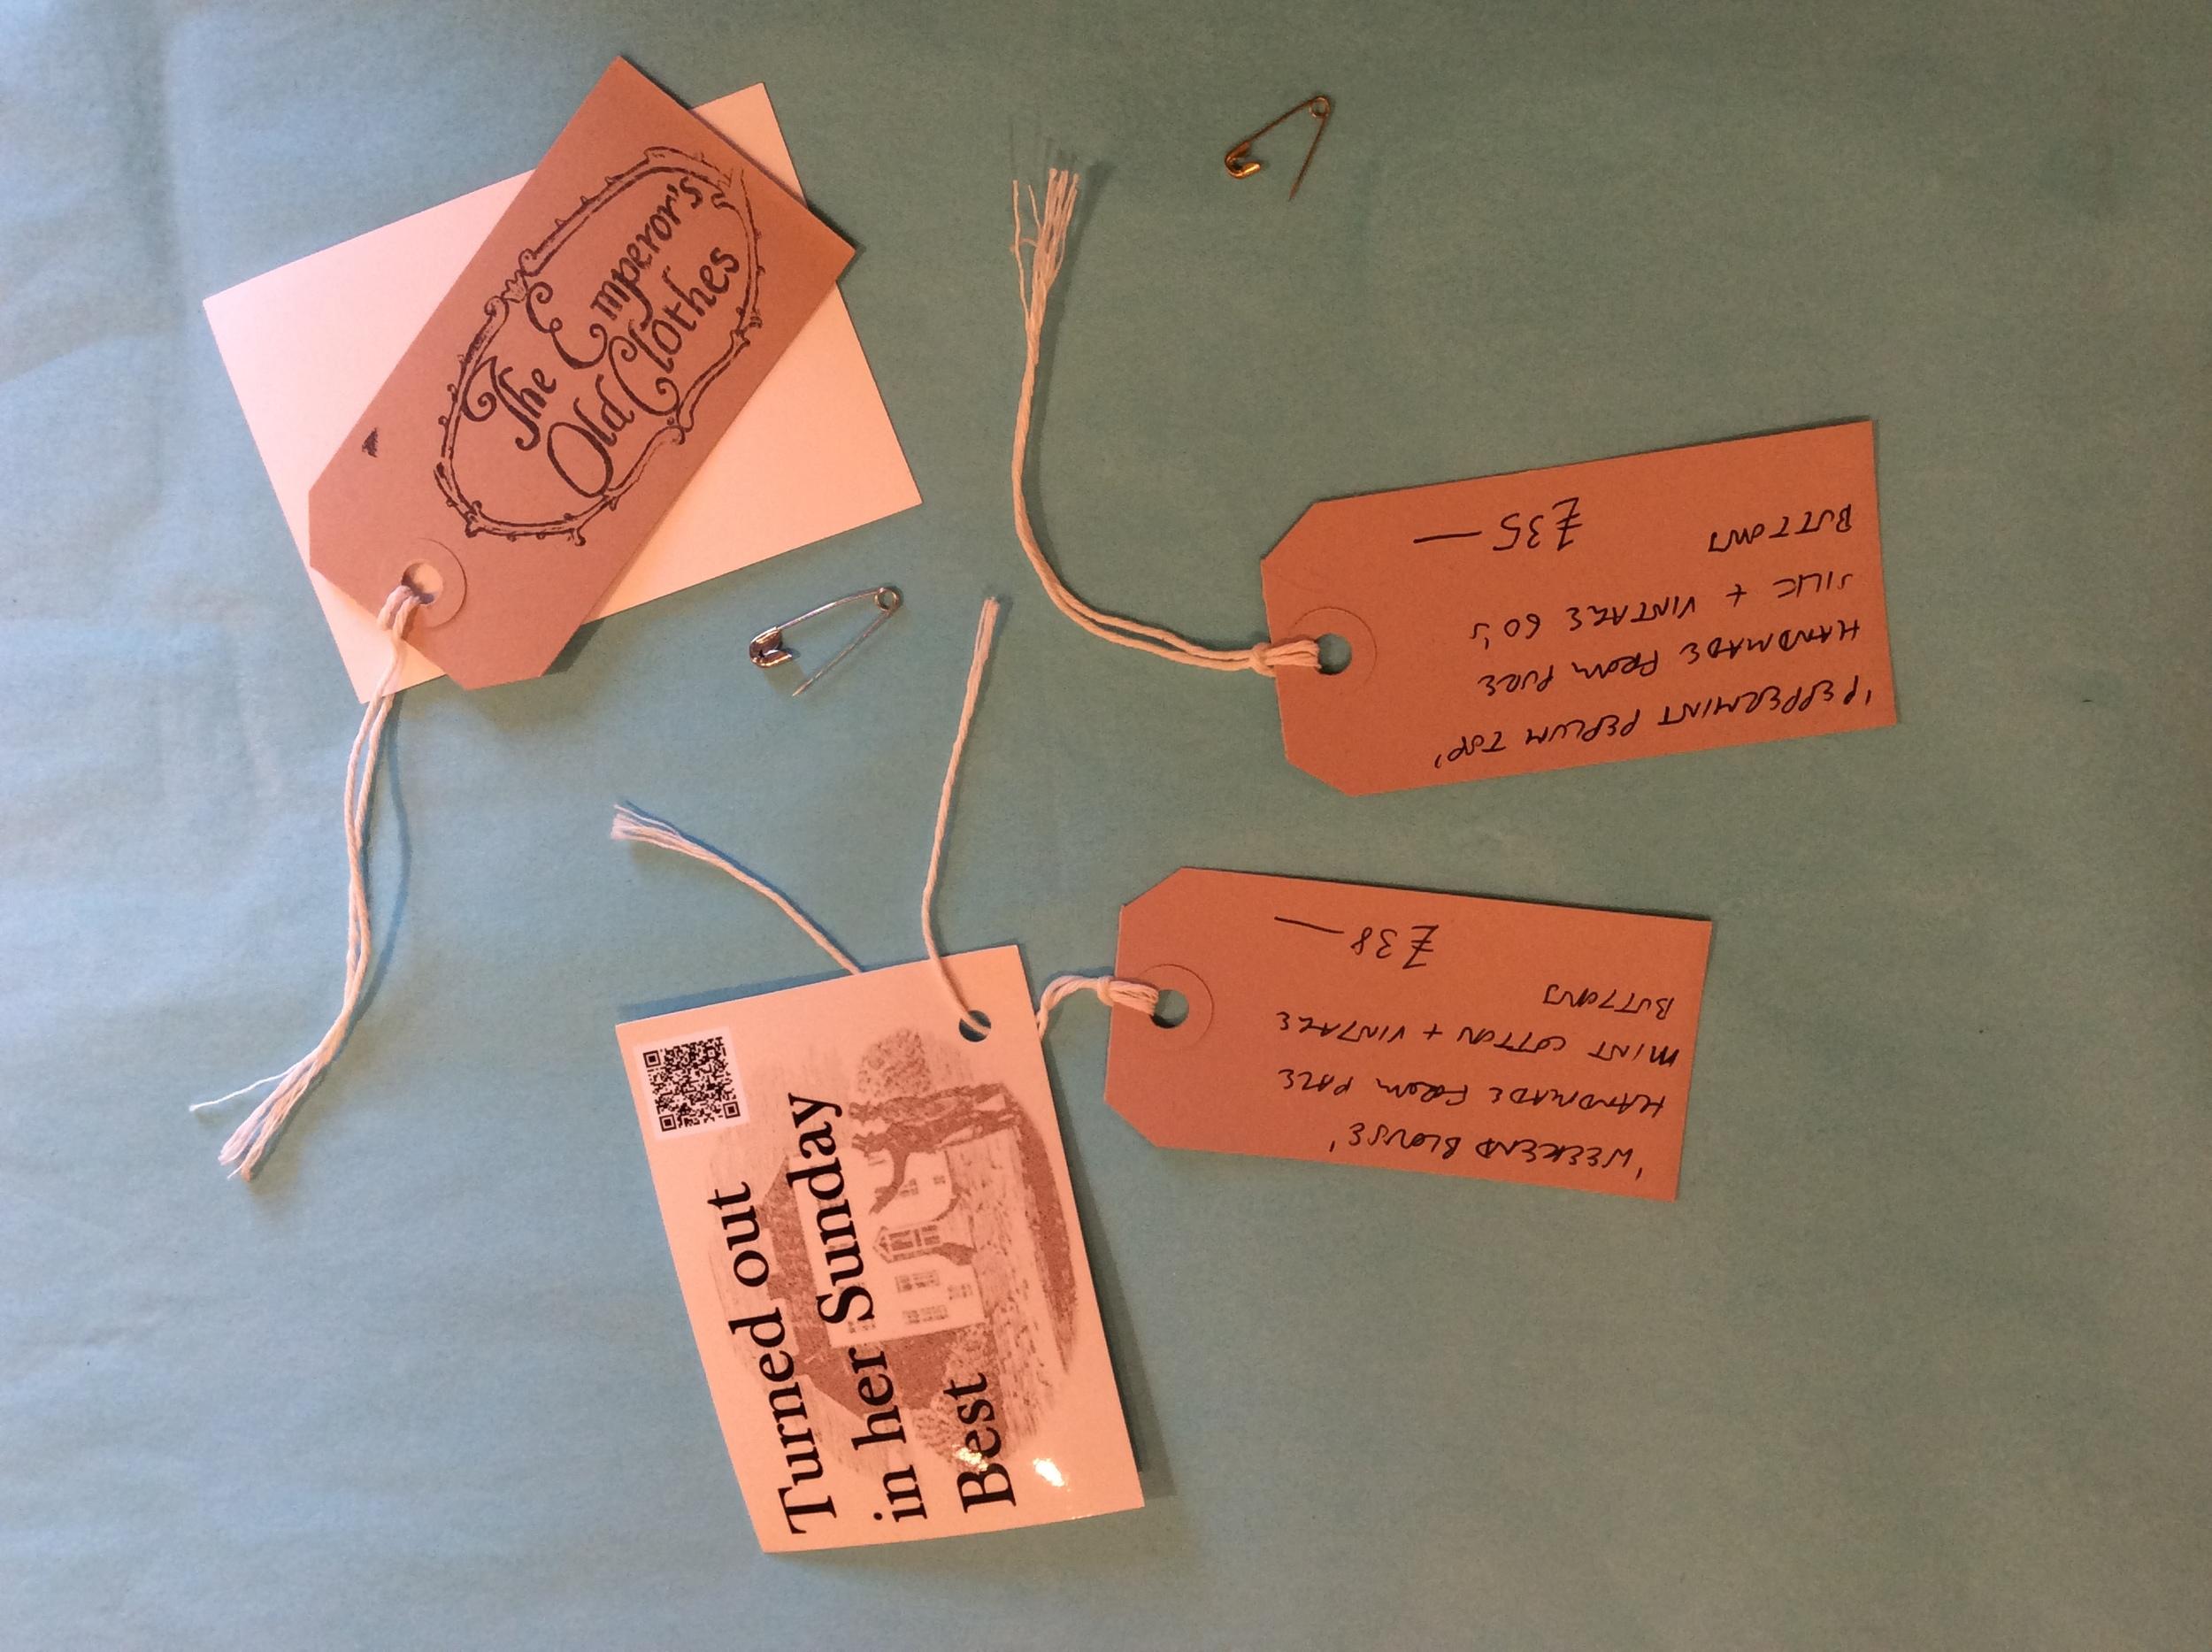 Sorting labels at Snooper's Attic